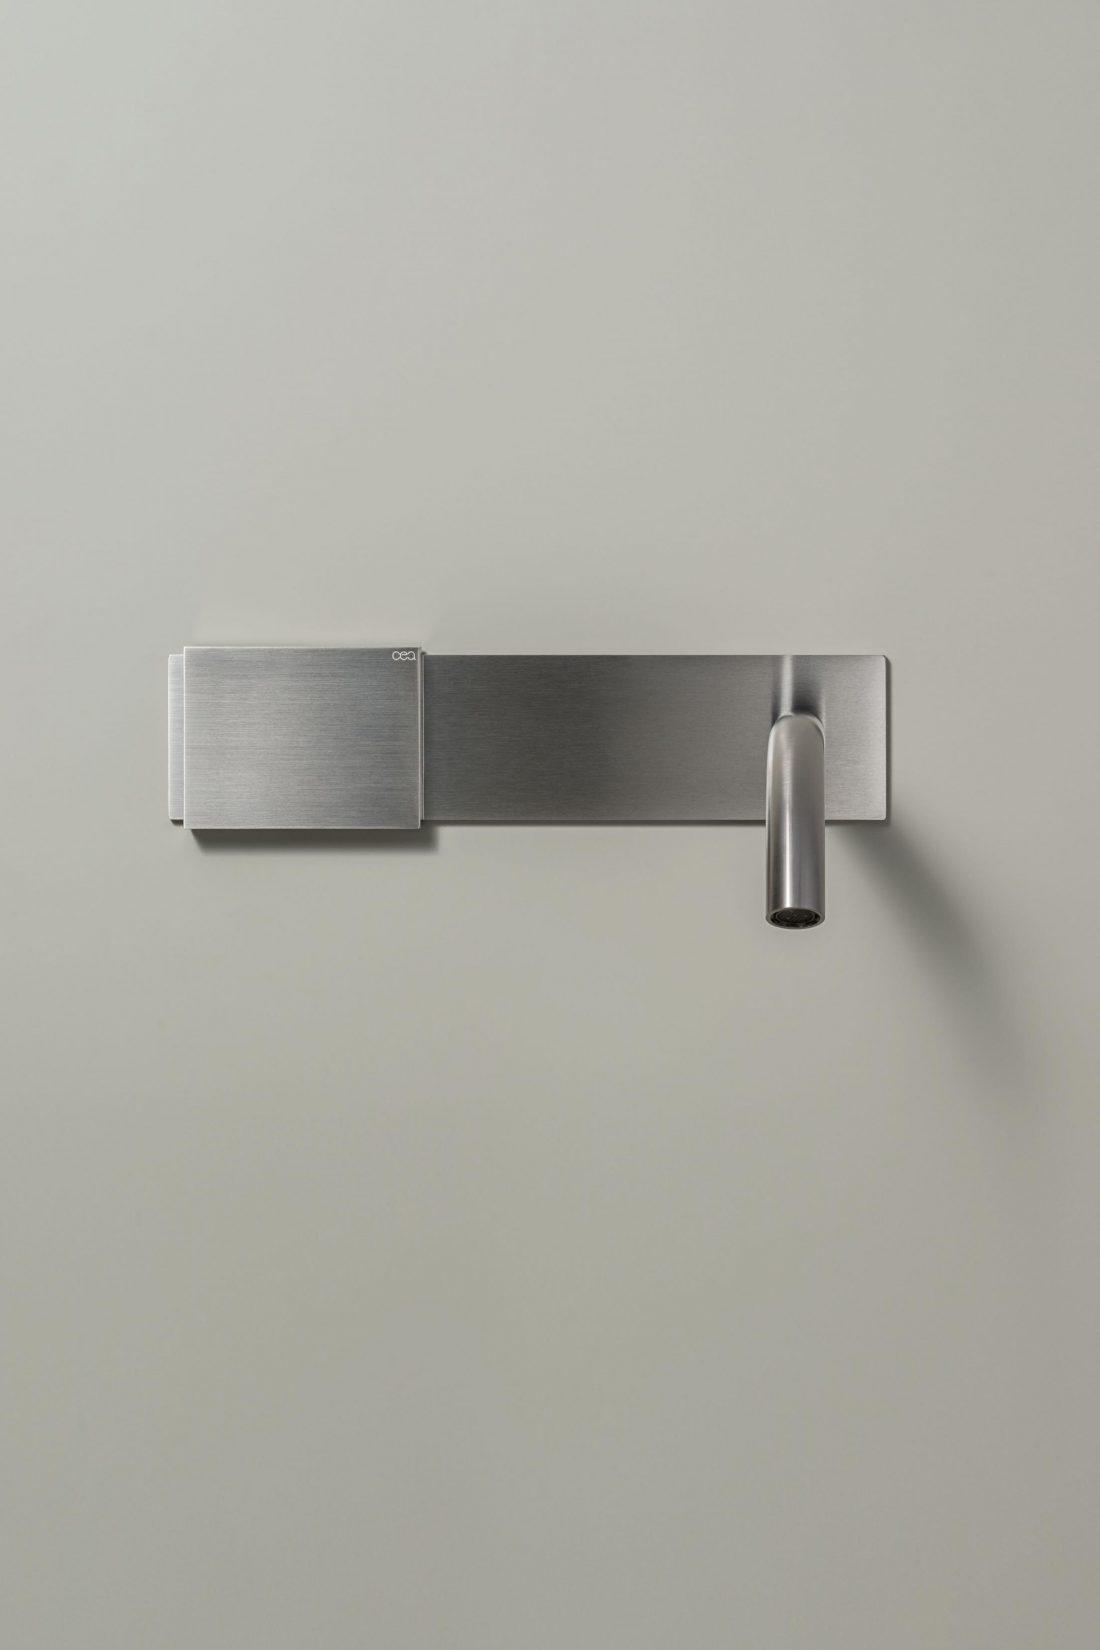 Armatura Regolo, prod. CEA Design